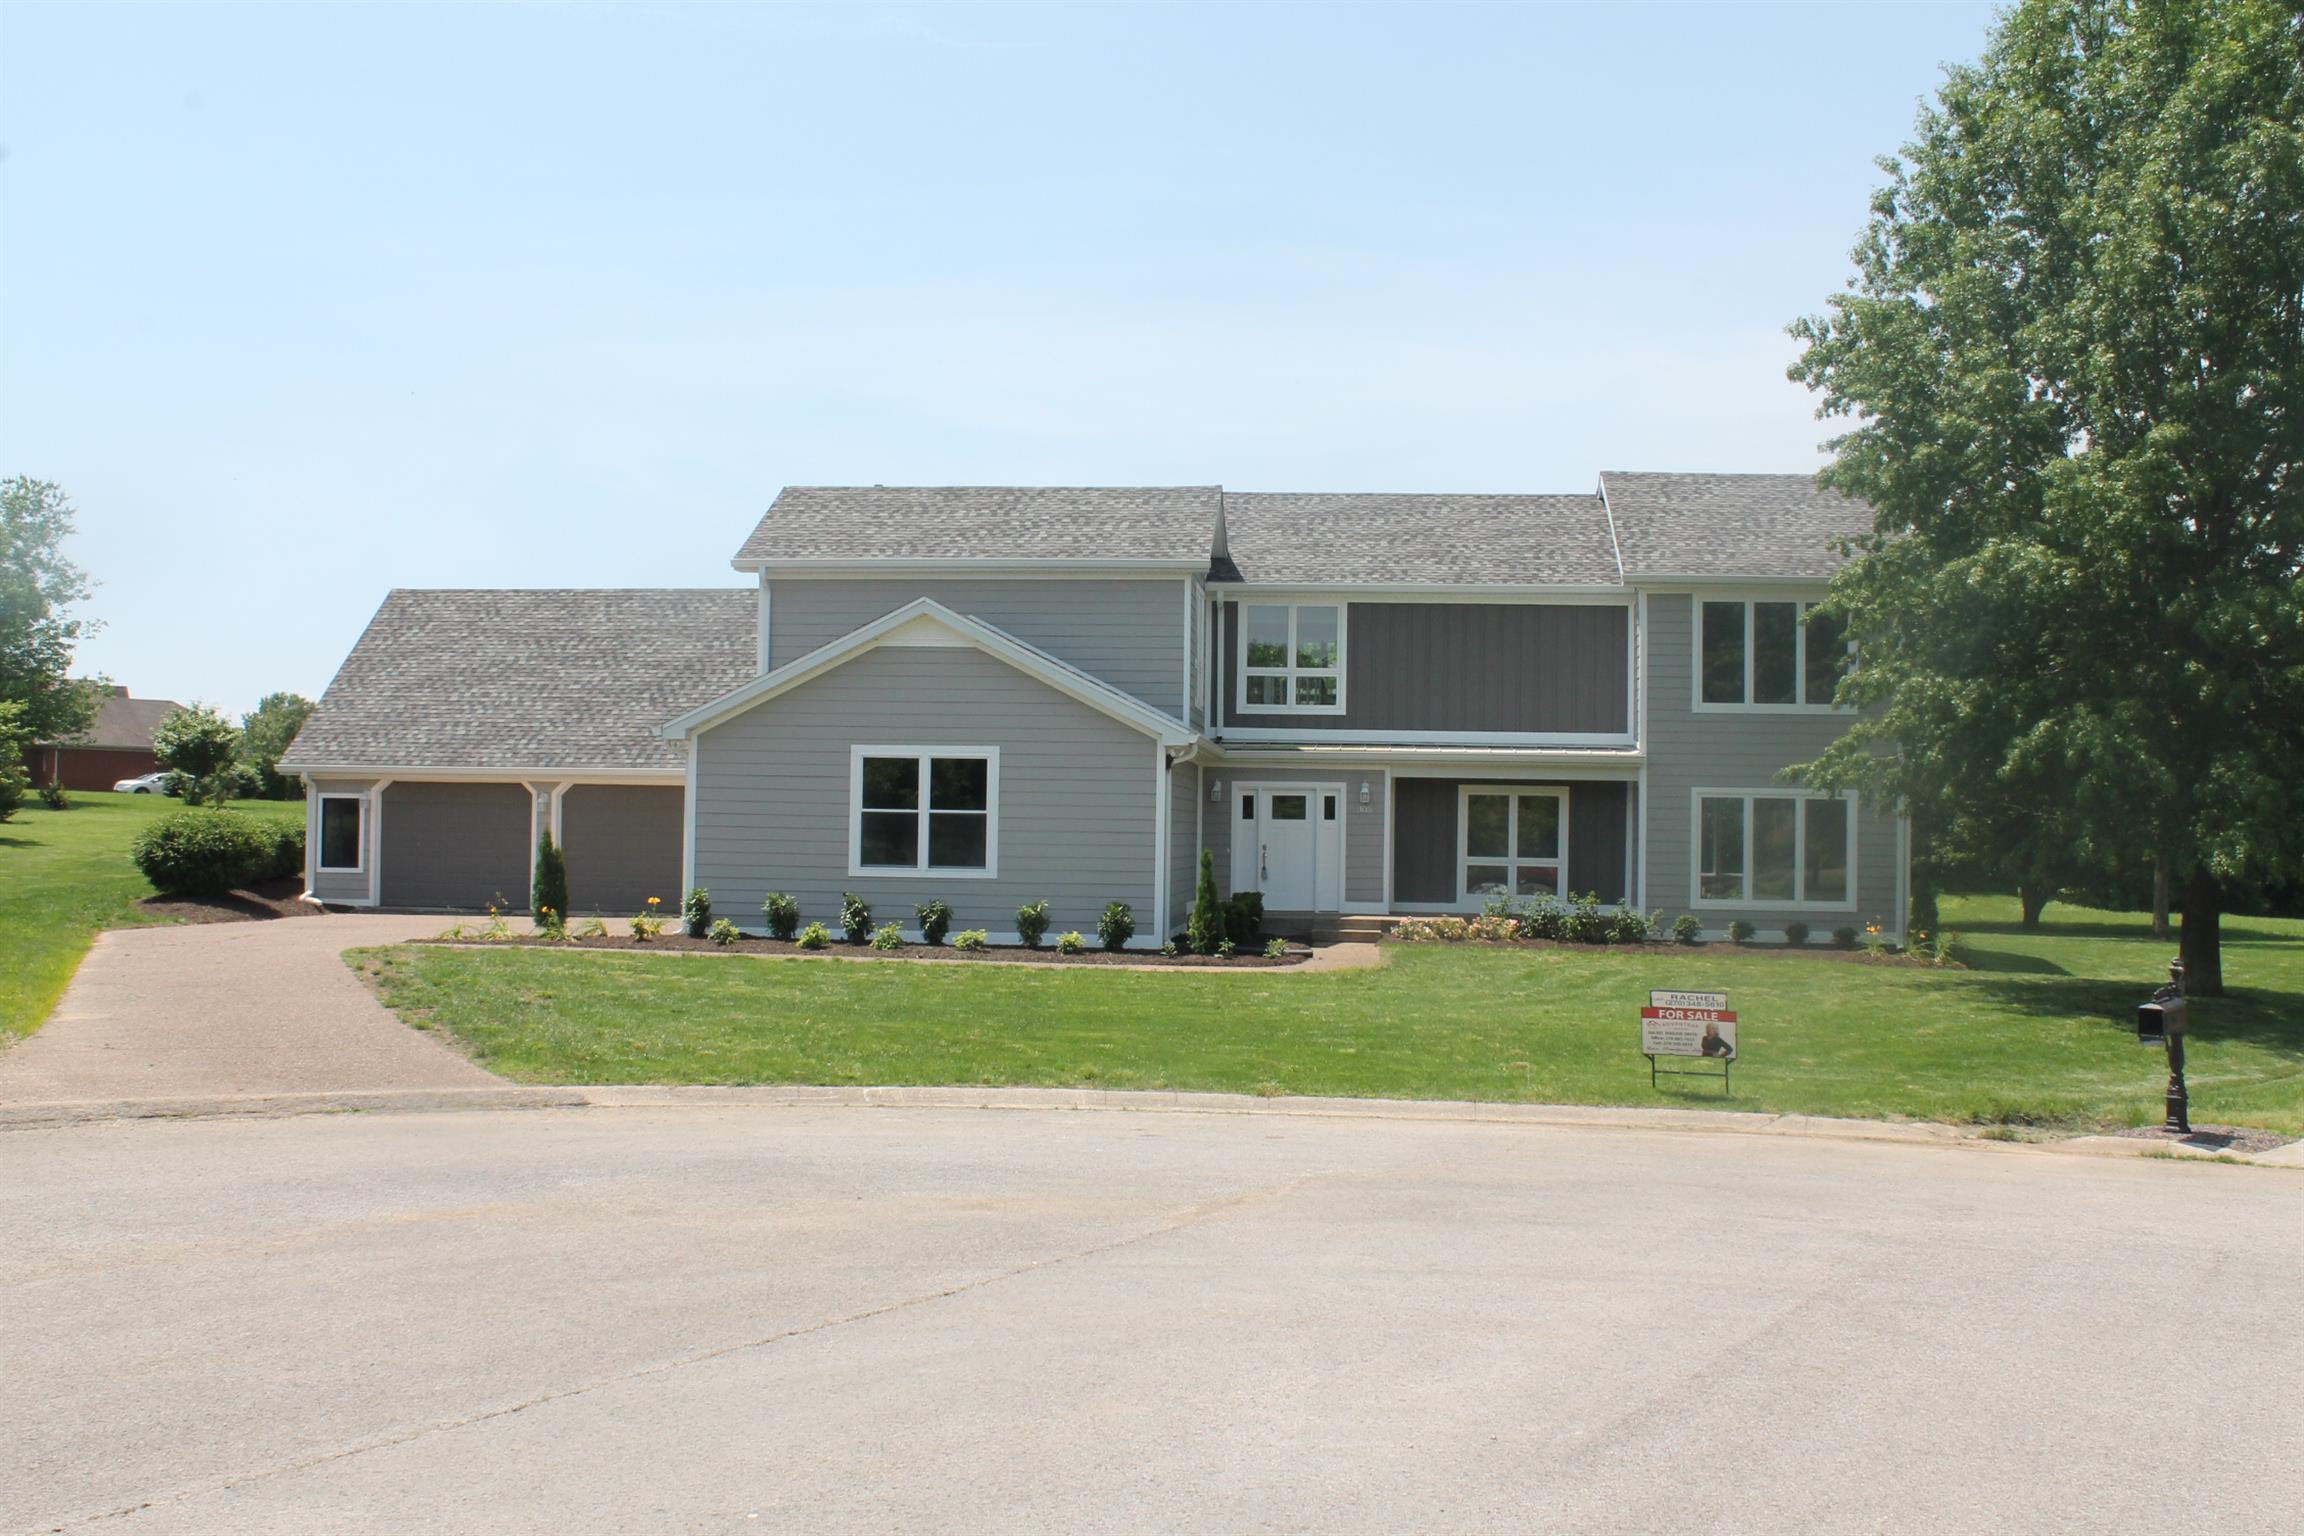 305 Stratford Court, Hopkinsville, KY 42240 - Hopkinsville, KY real estate listing